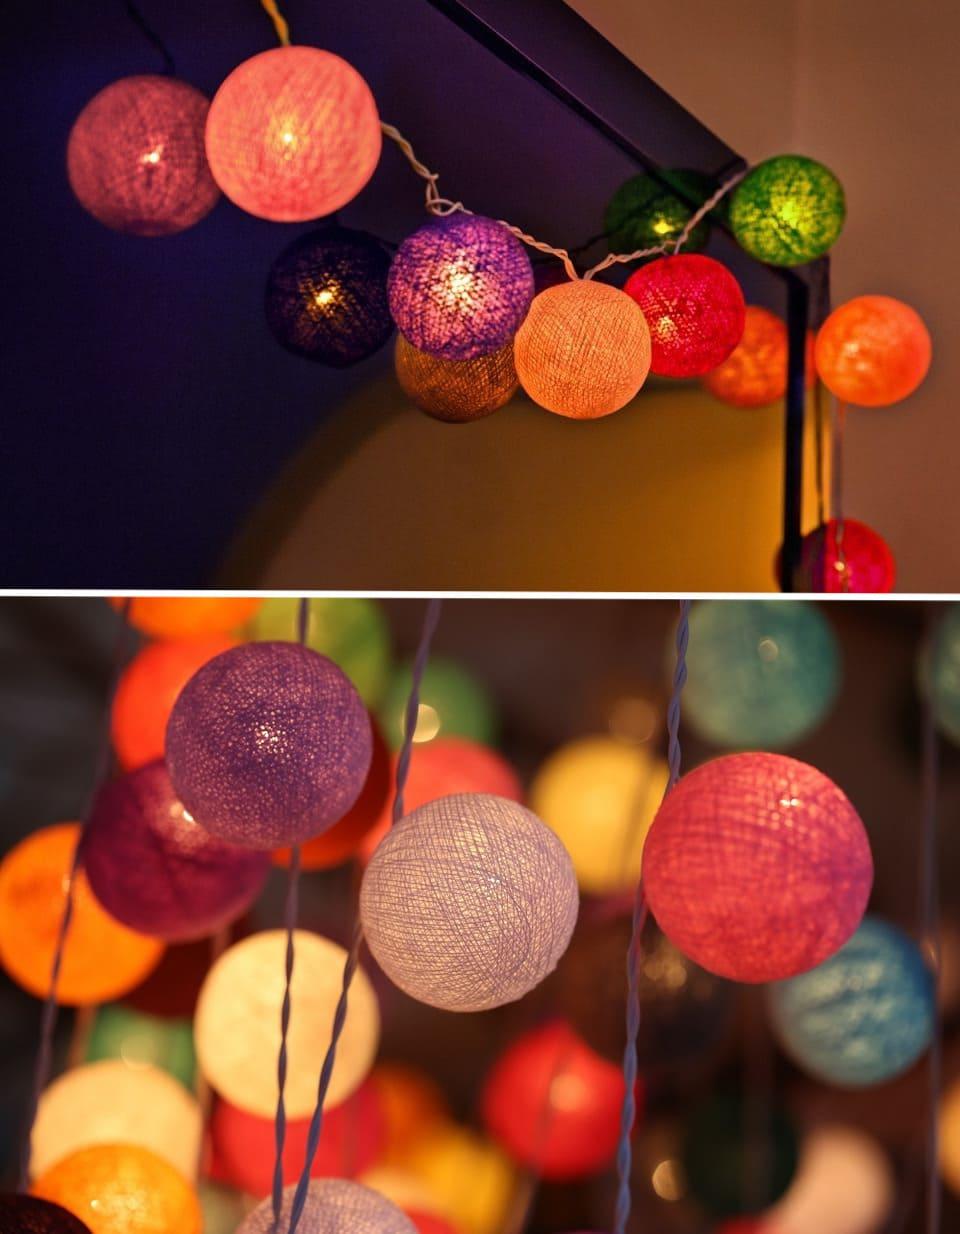 Гирленд көп түсті шарлардан әдемі, стильді және романтикалық көрінеді